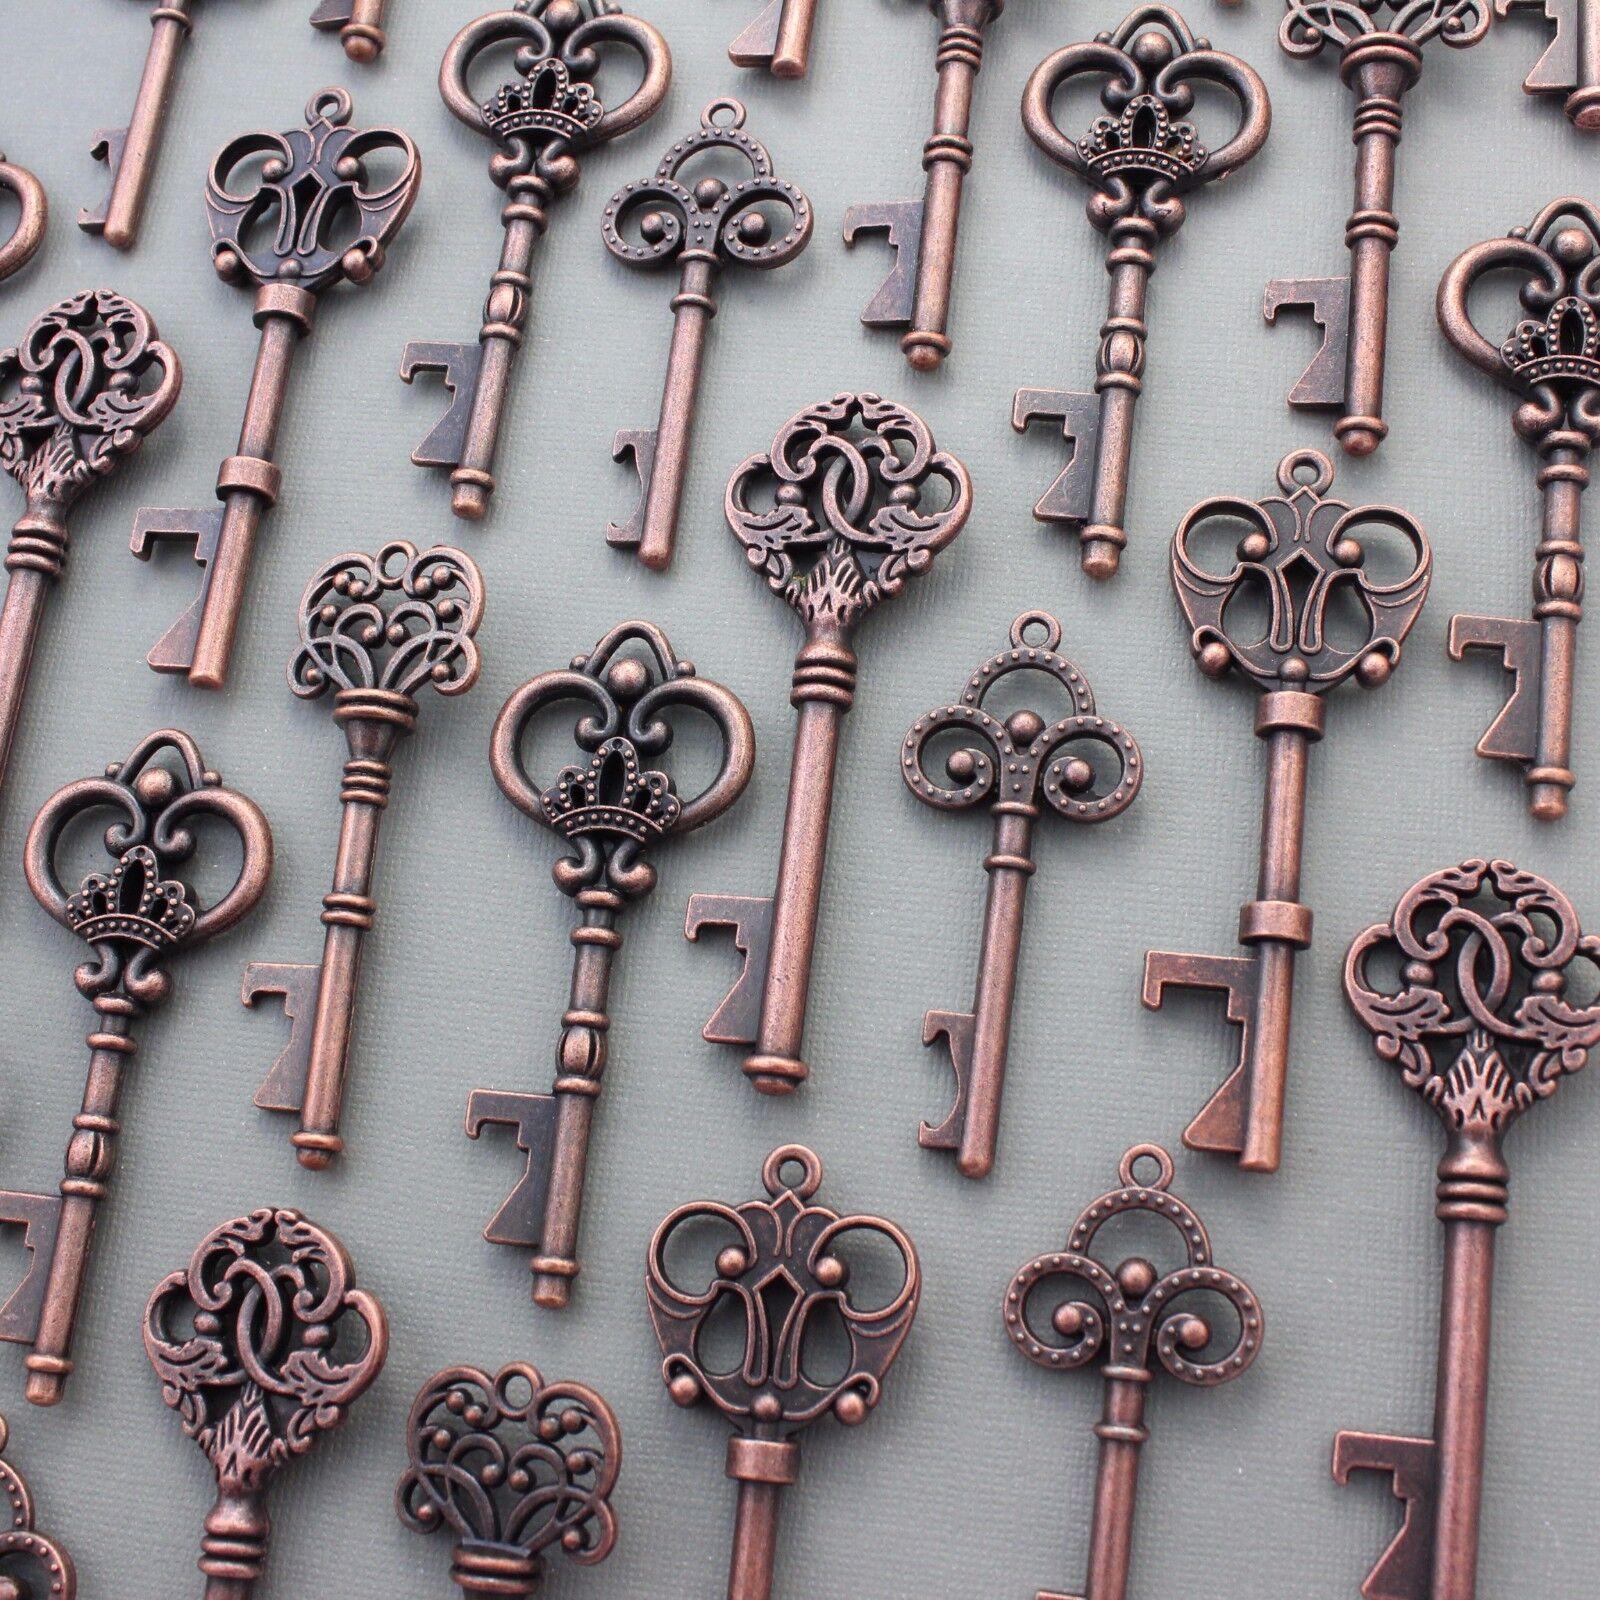 100Pcs Antiqued Copper Skeleton Keys Bottle Openers Mix Wedding Favor Decoration